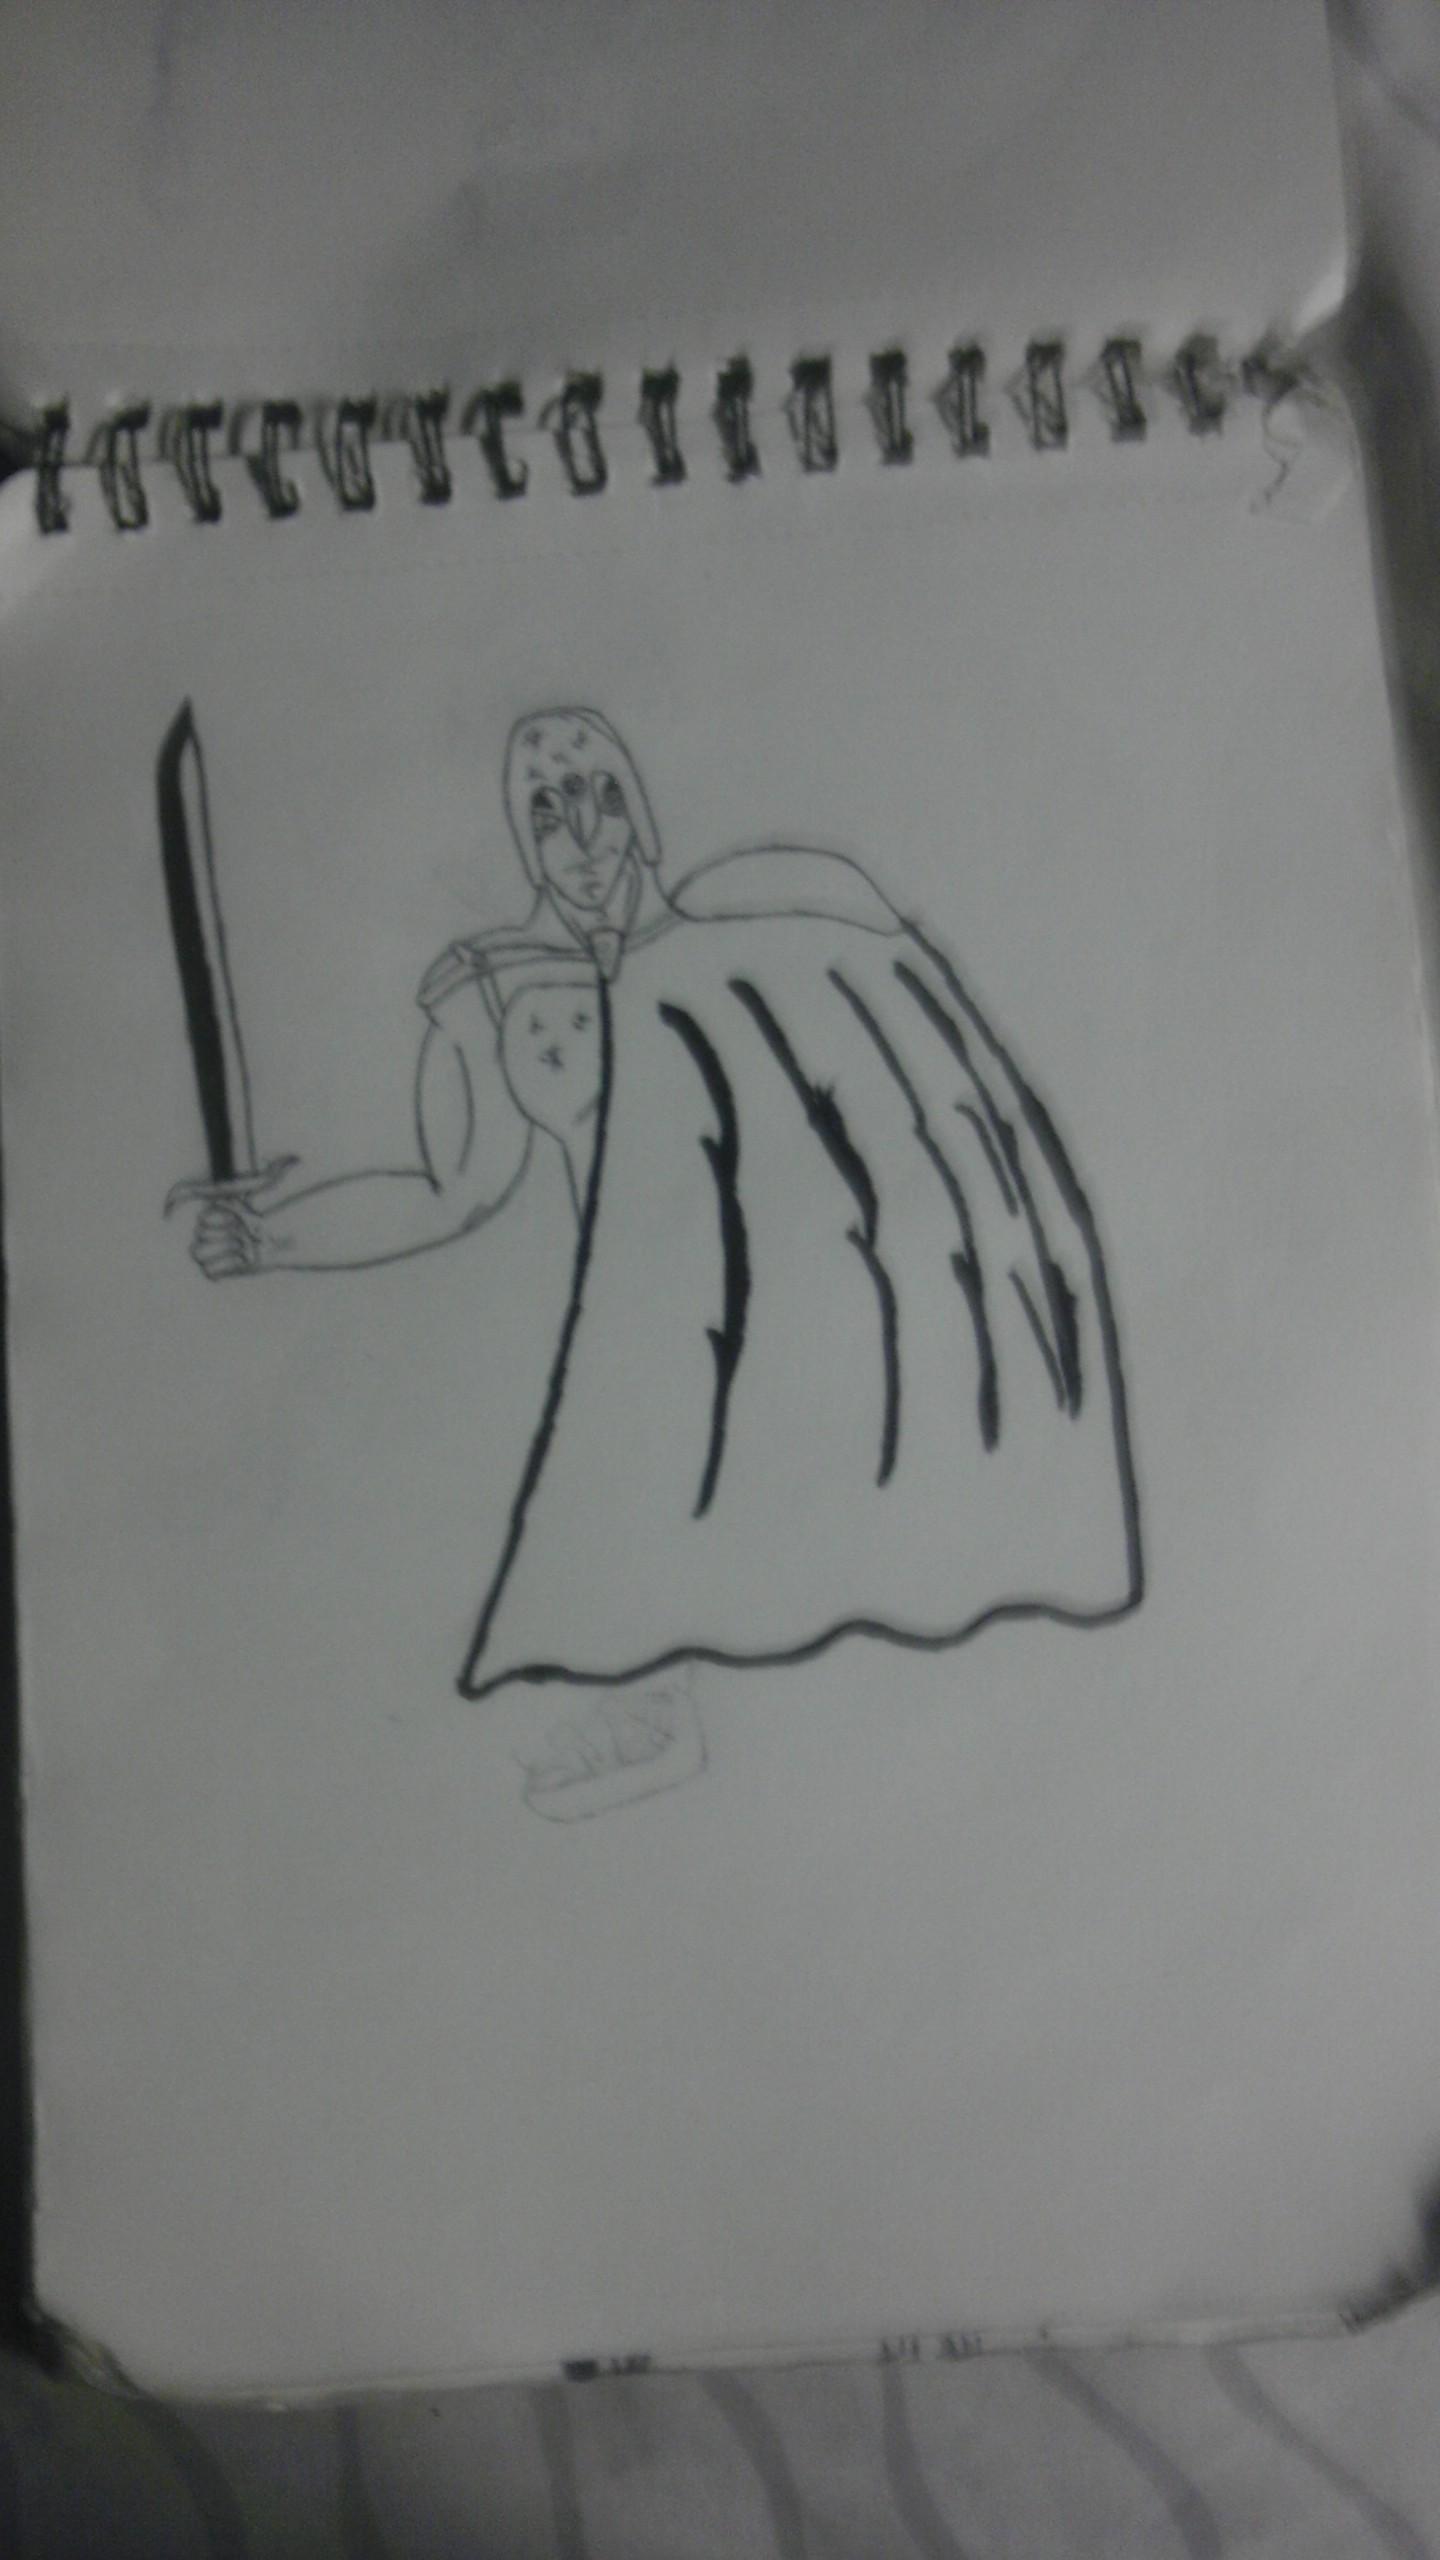 Sparton doodle